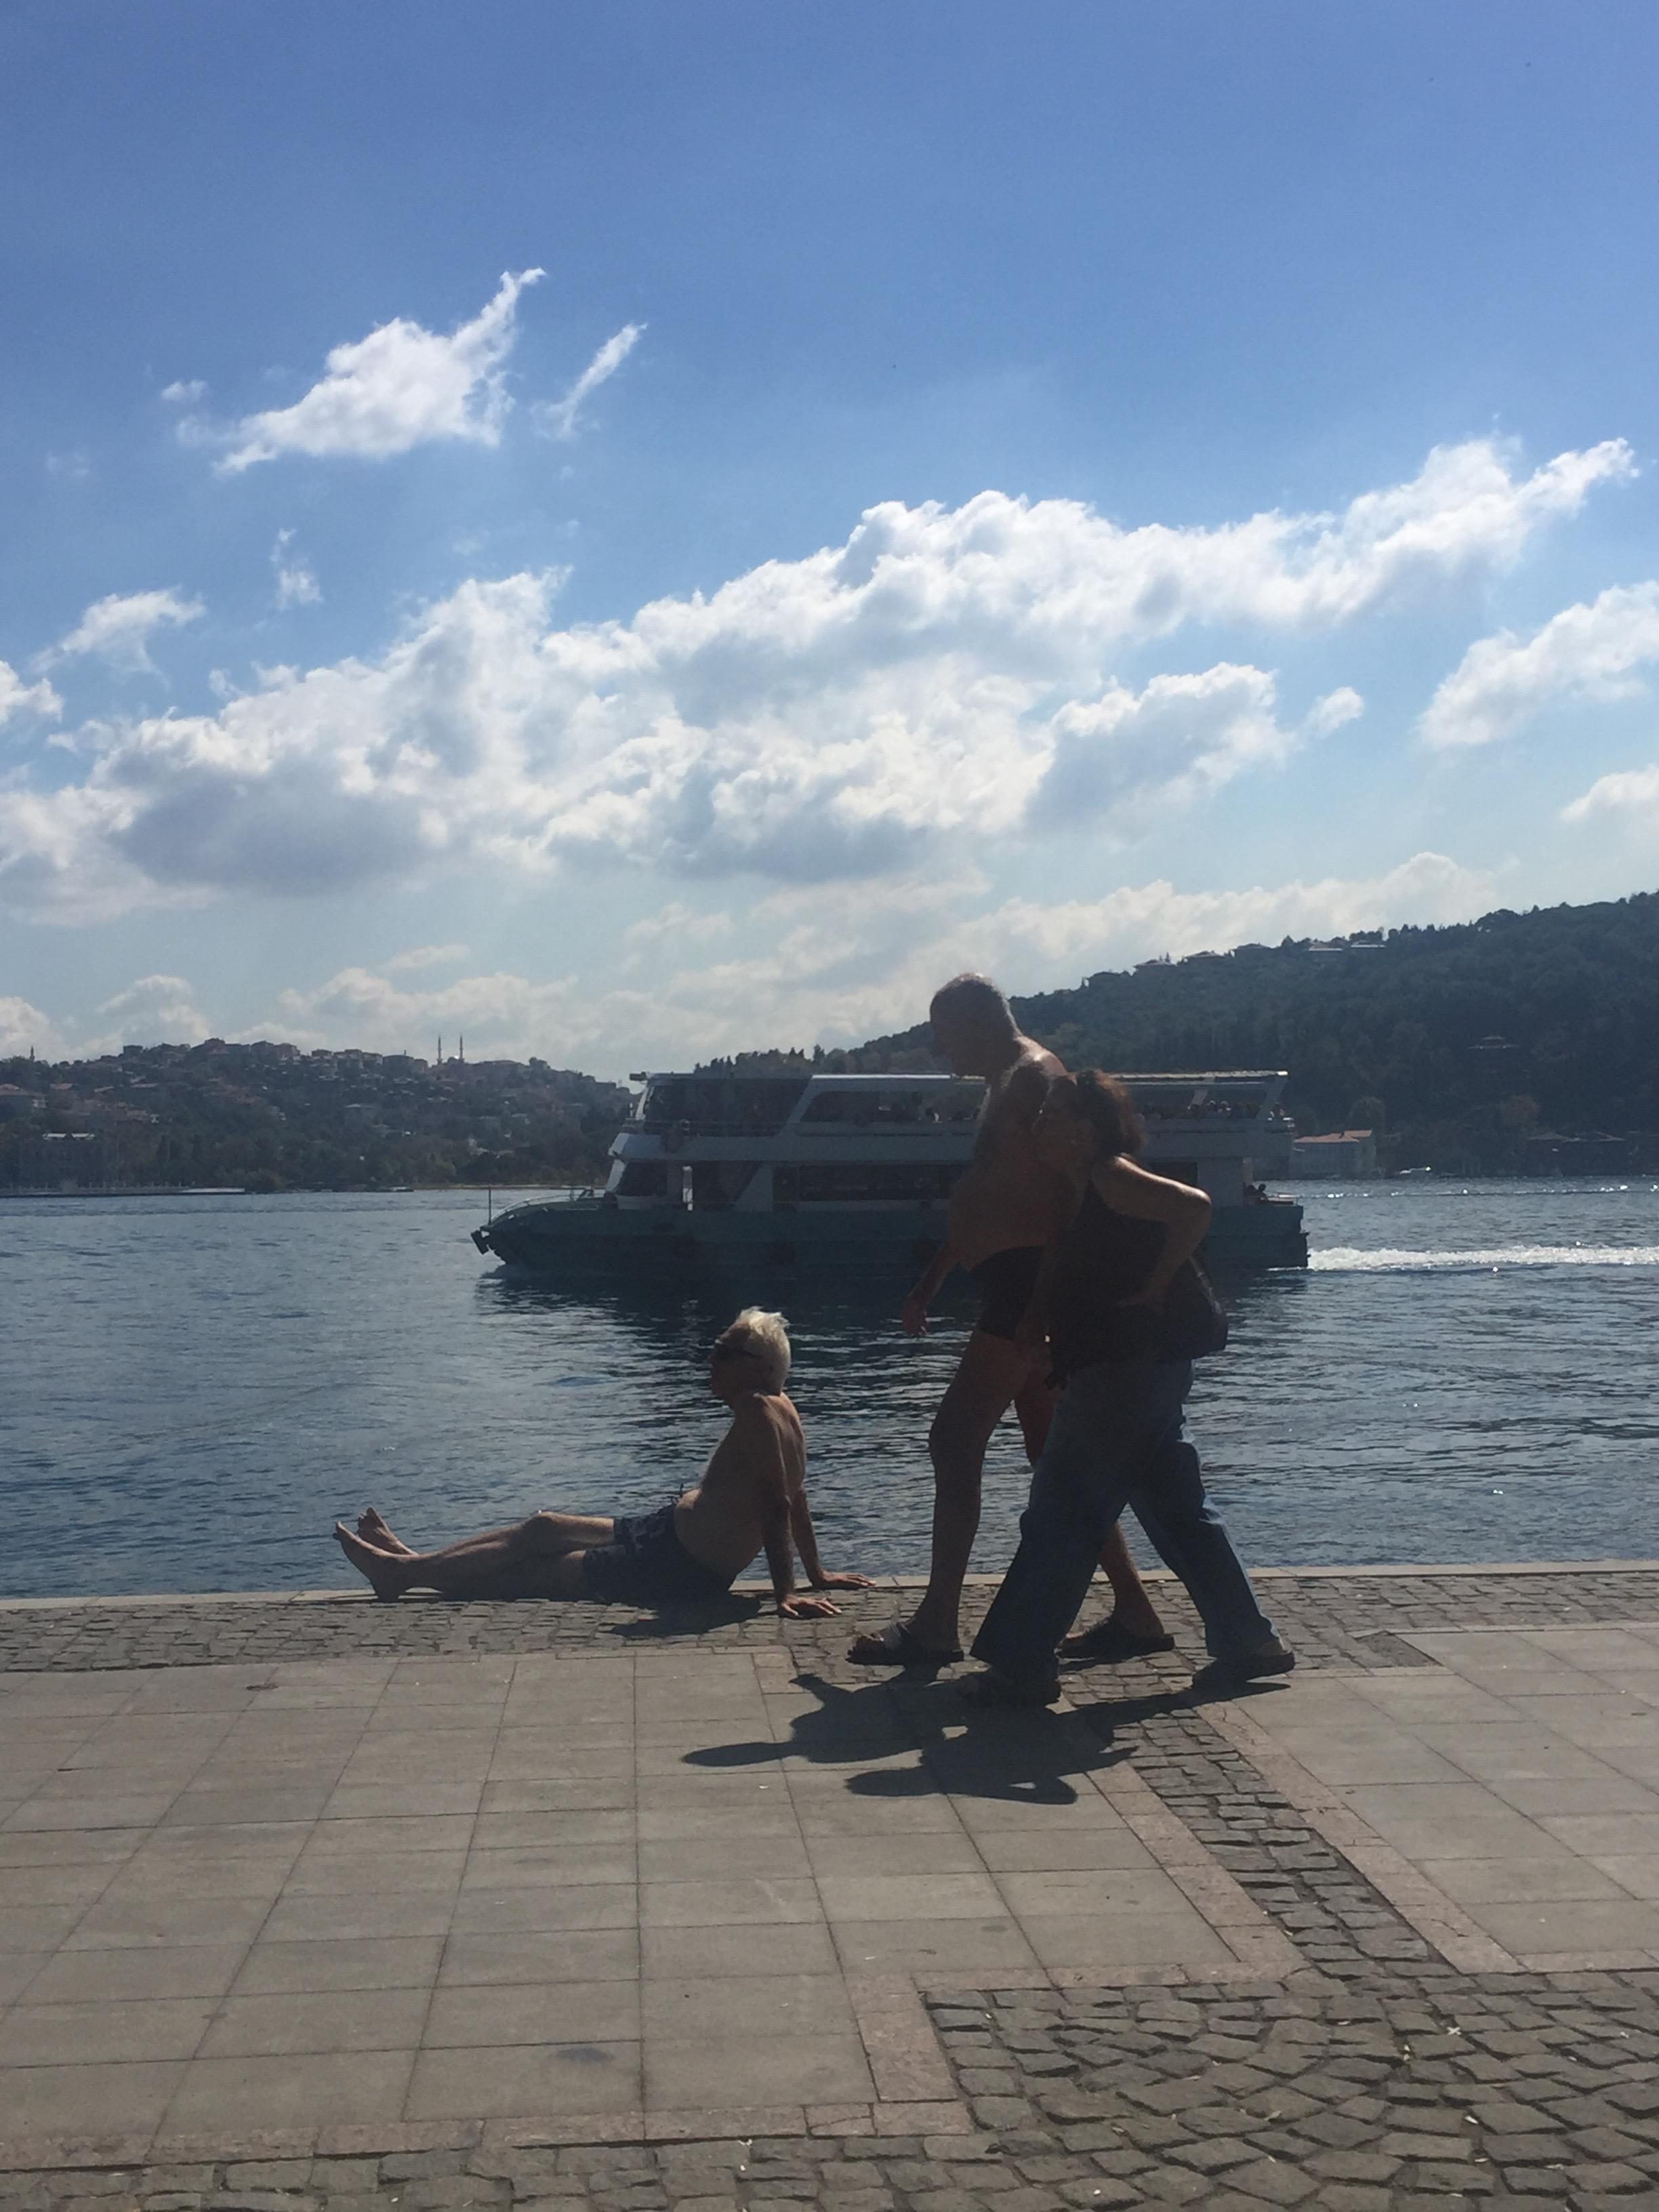 Bu hanımefendi eşini bir merdivenden bırakıyor, terlikleri eline alıp diğer merdivende karşılıyor.